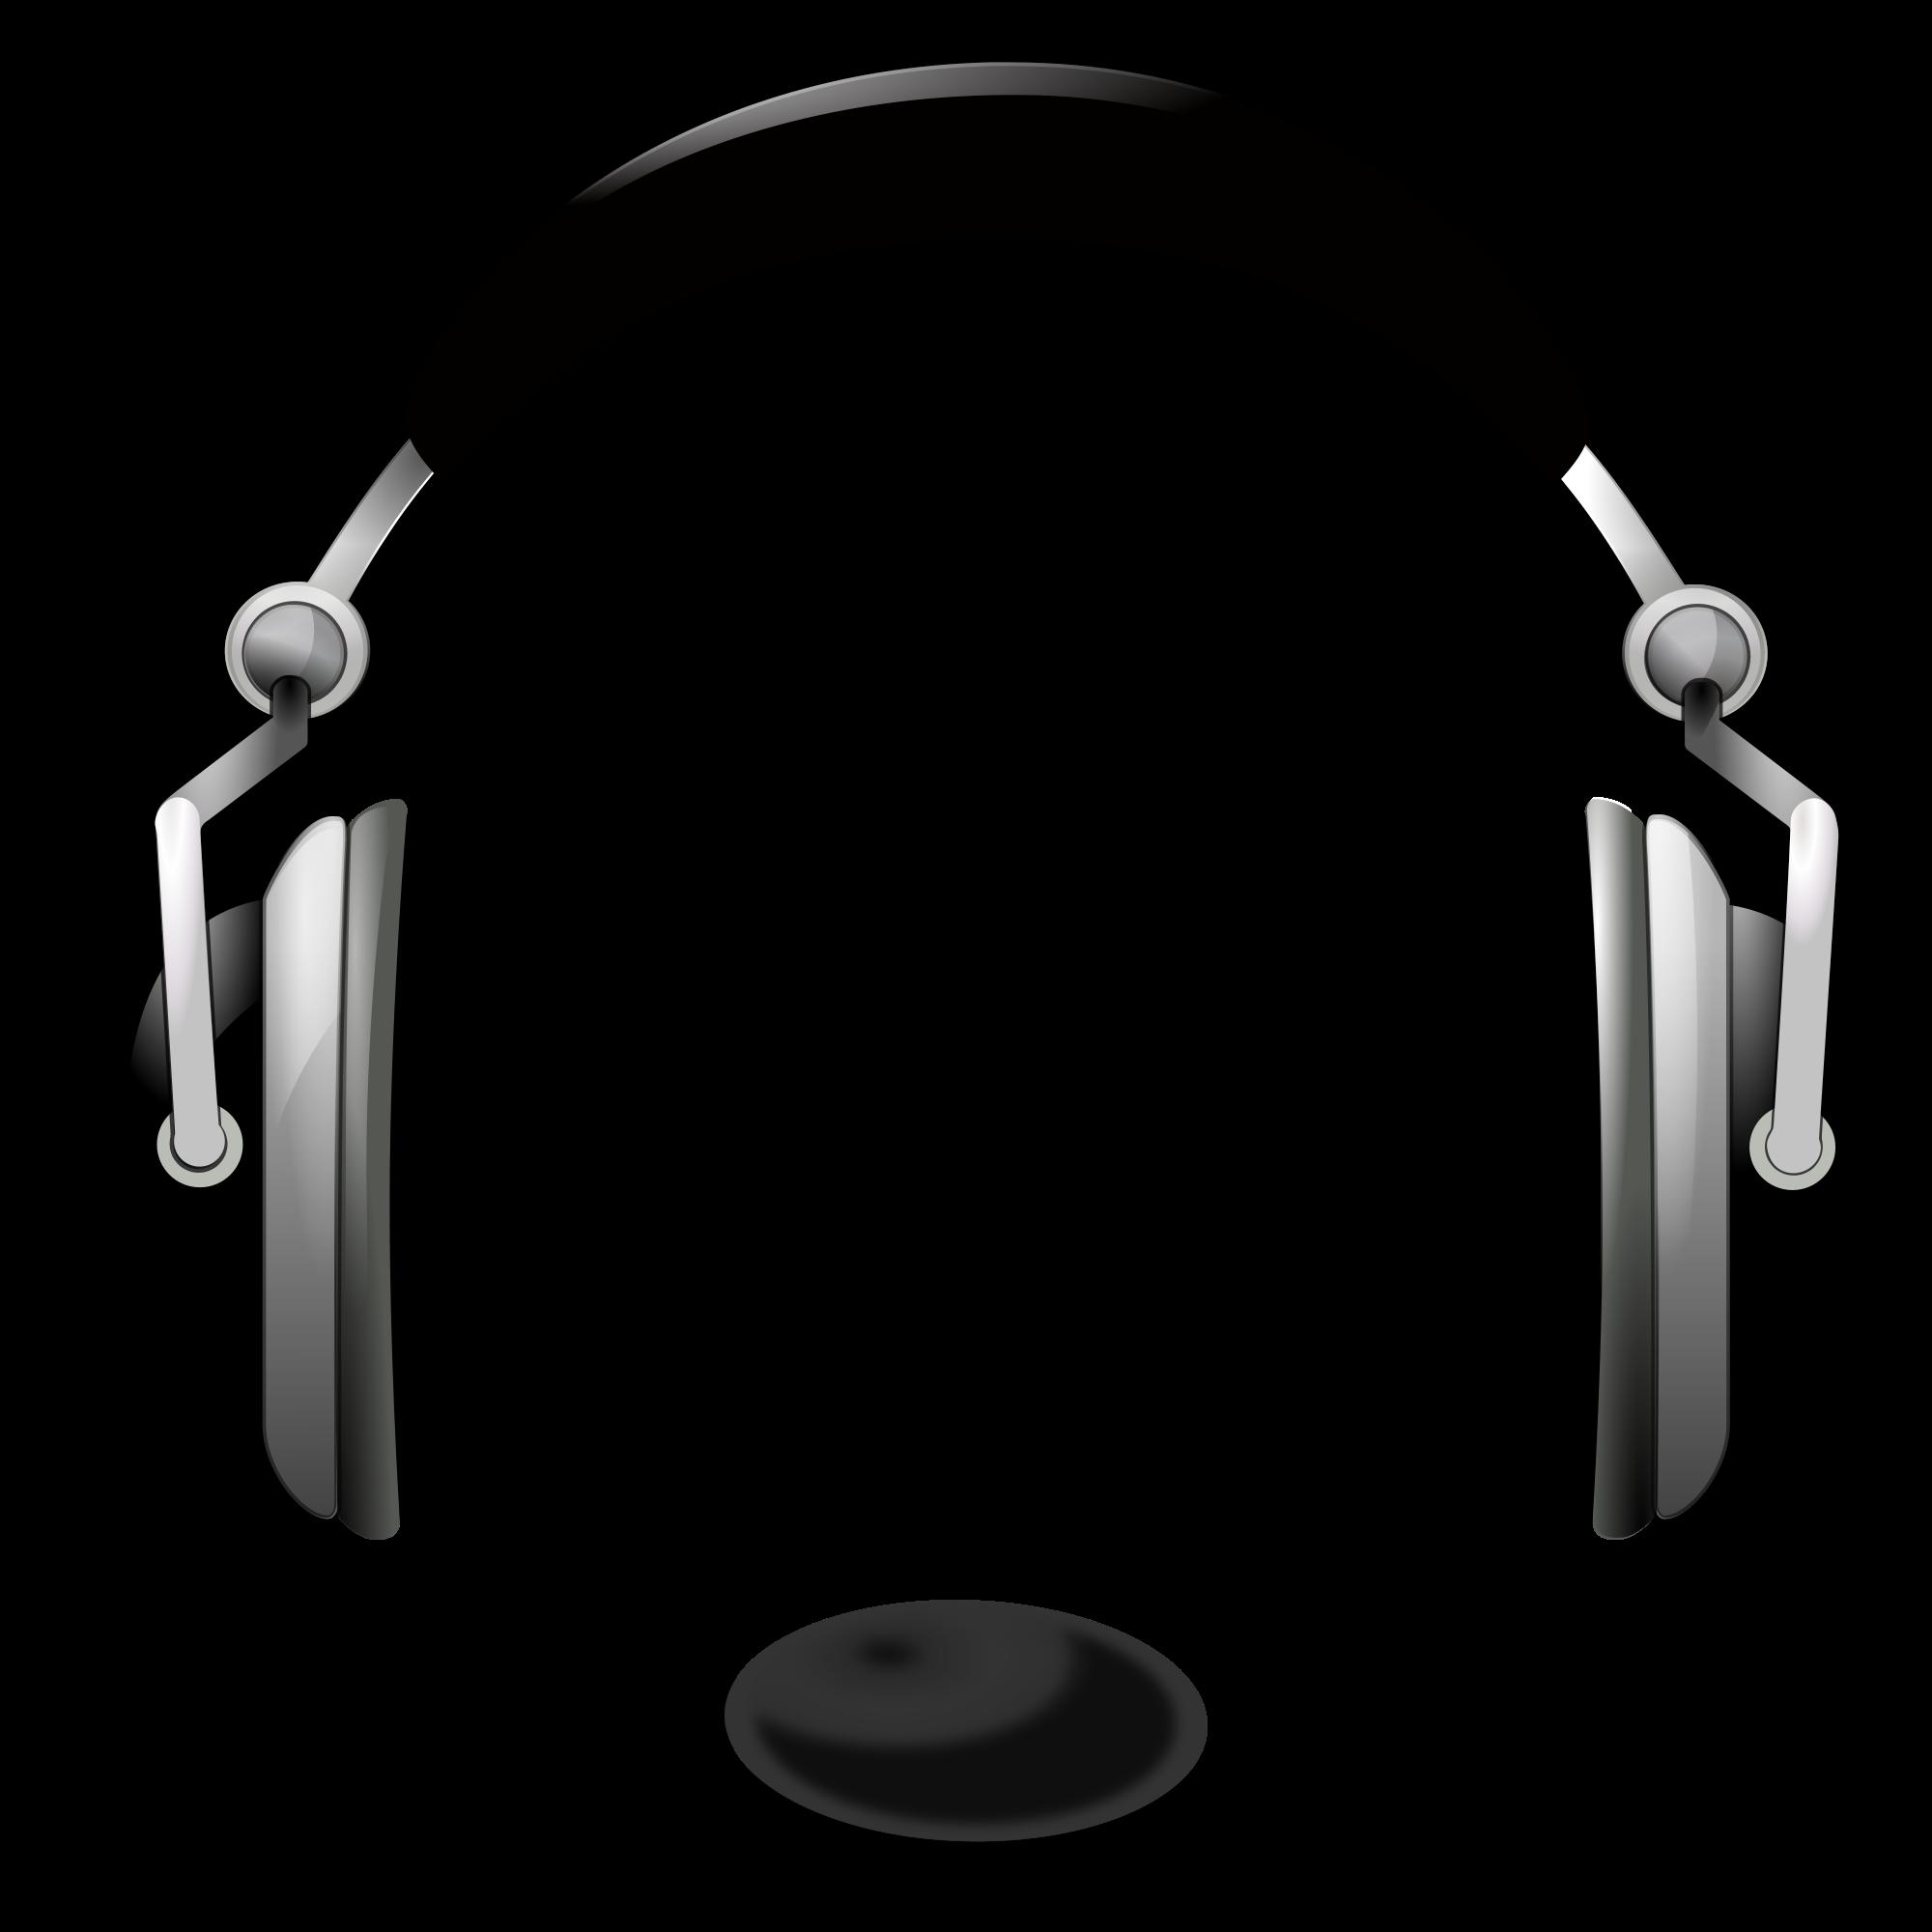 Headphone clipart radio headphone. File oxygen devices audio